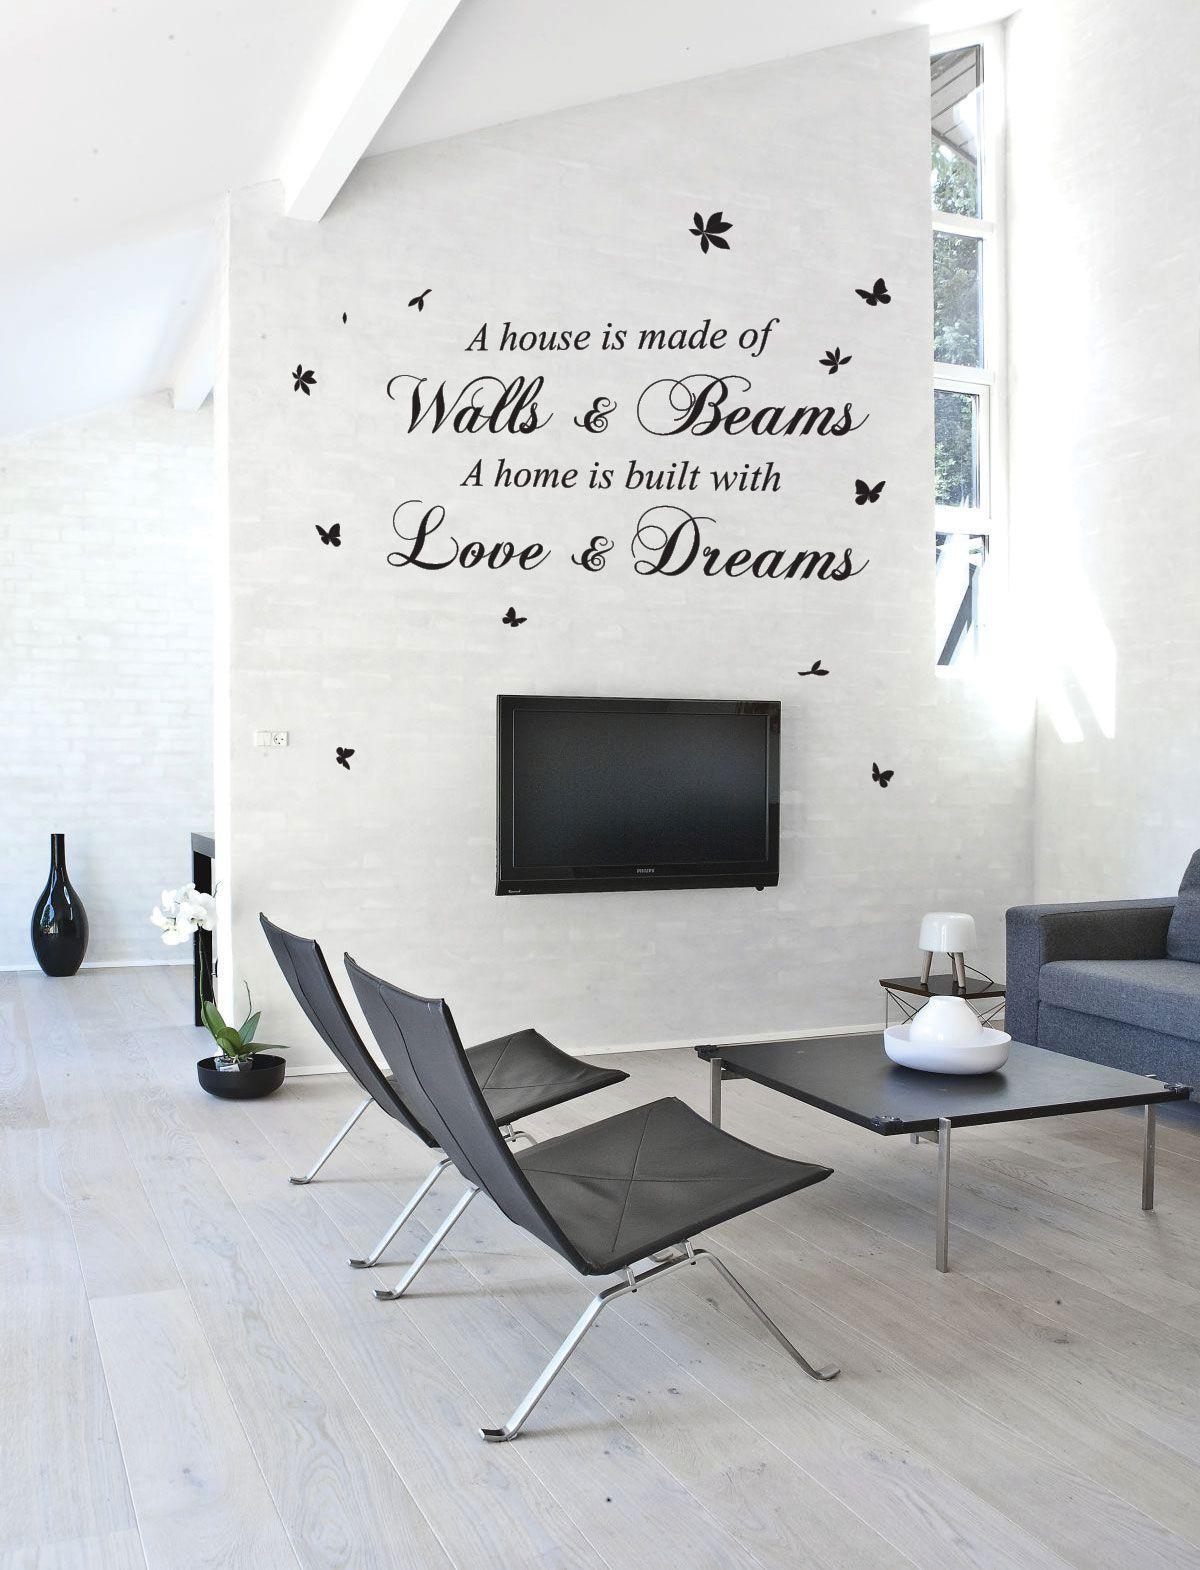 Walldecoration Interieur Ontwerpen Woonideeen Woonkamer Decoratie